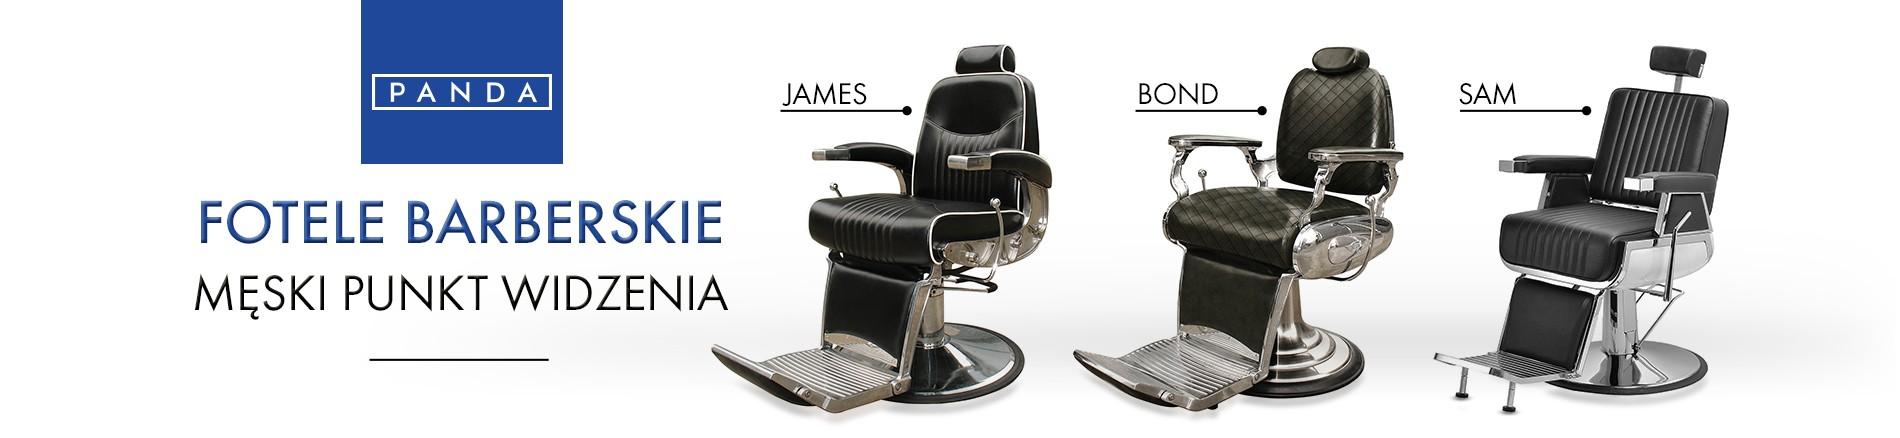 Akcja Fotele Barbierskie